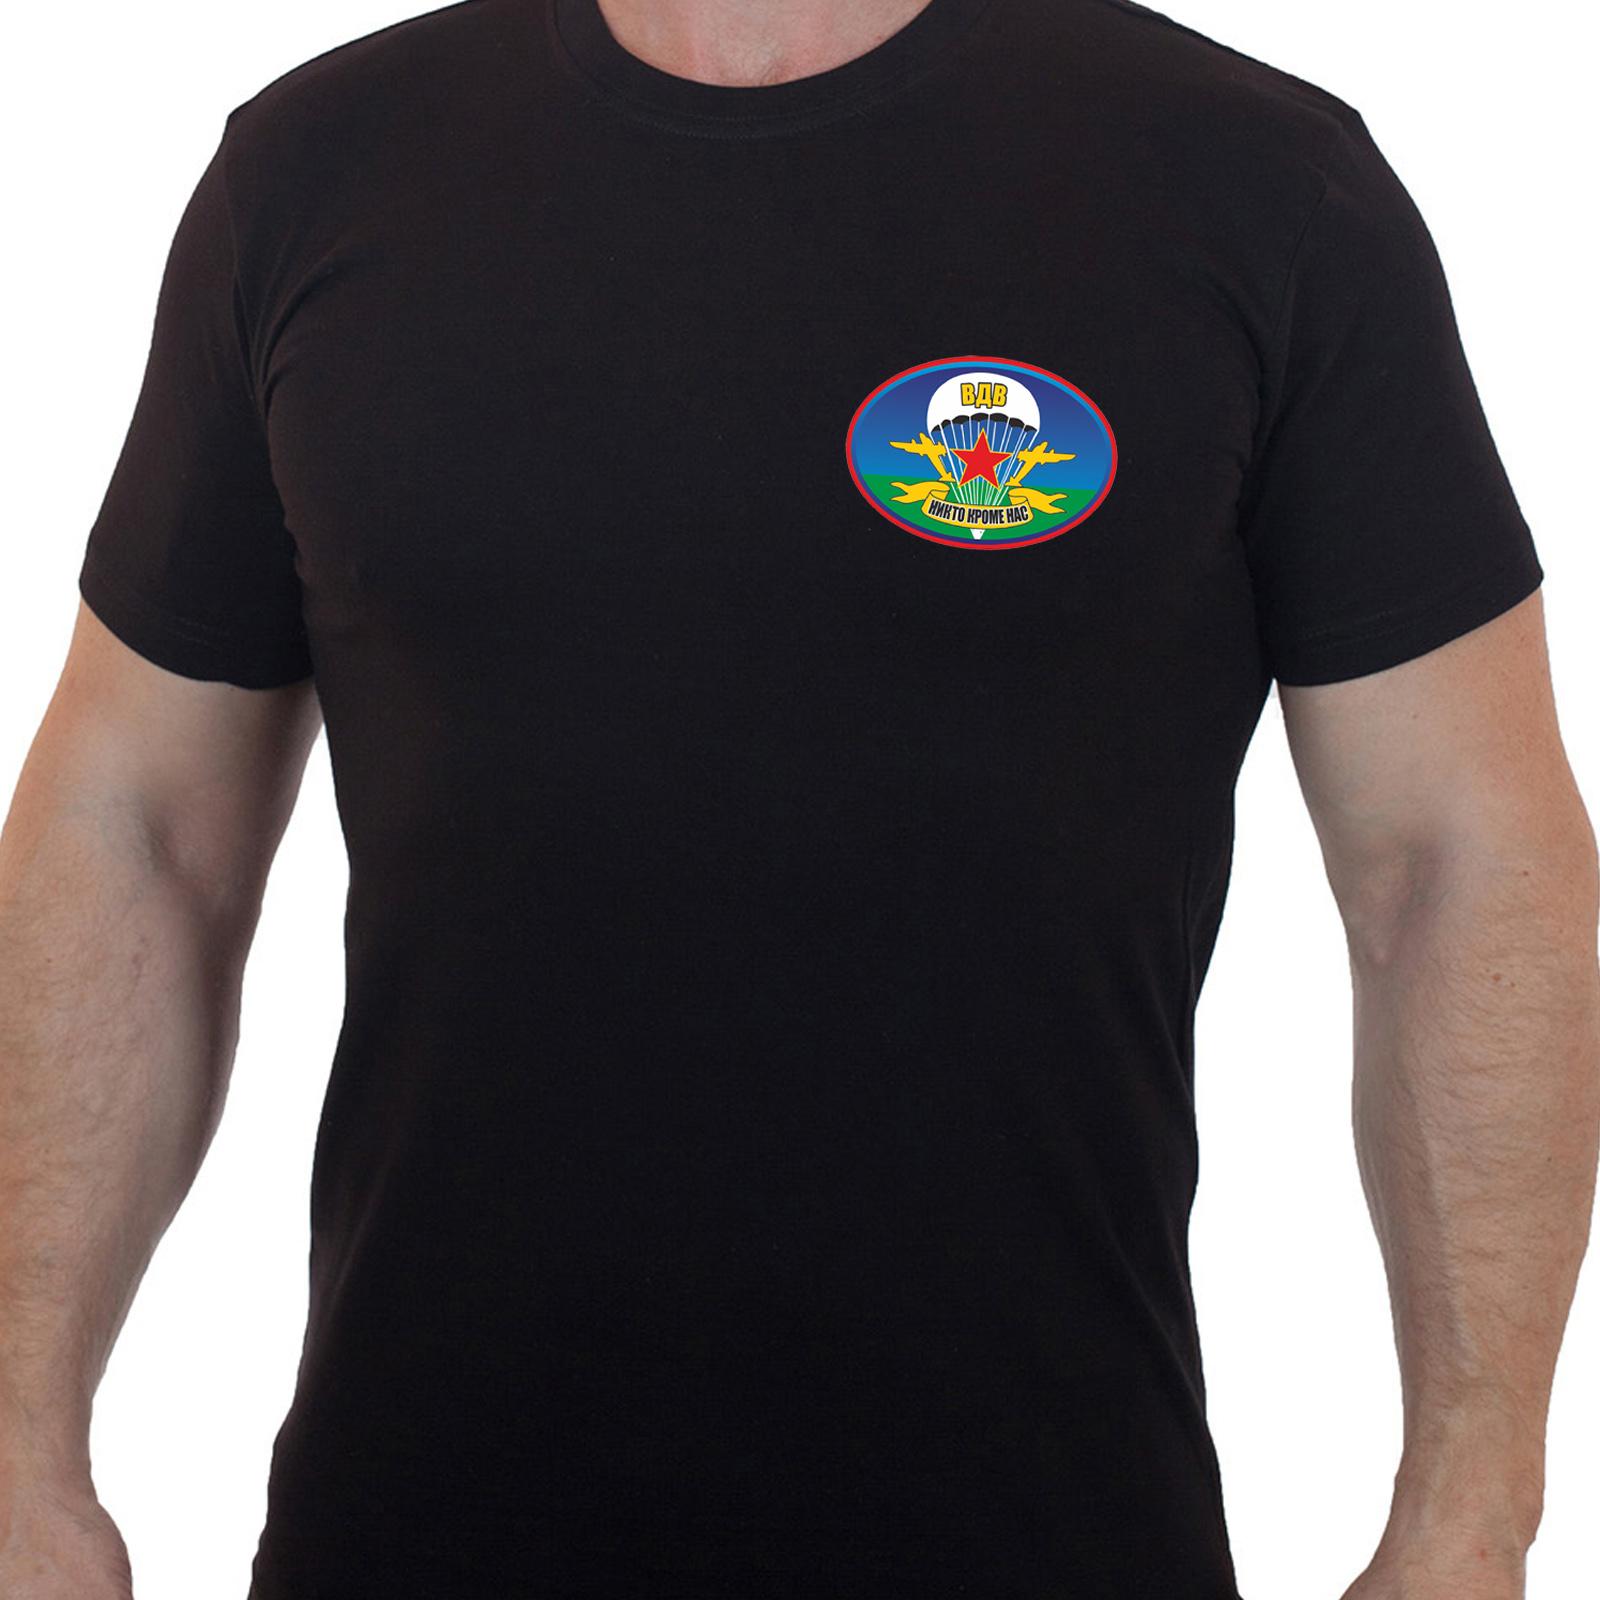 """Чёрная футболка с термотрансфером """"Эмблема ВДВ"""""""